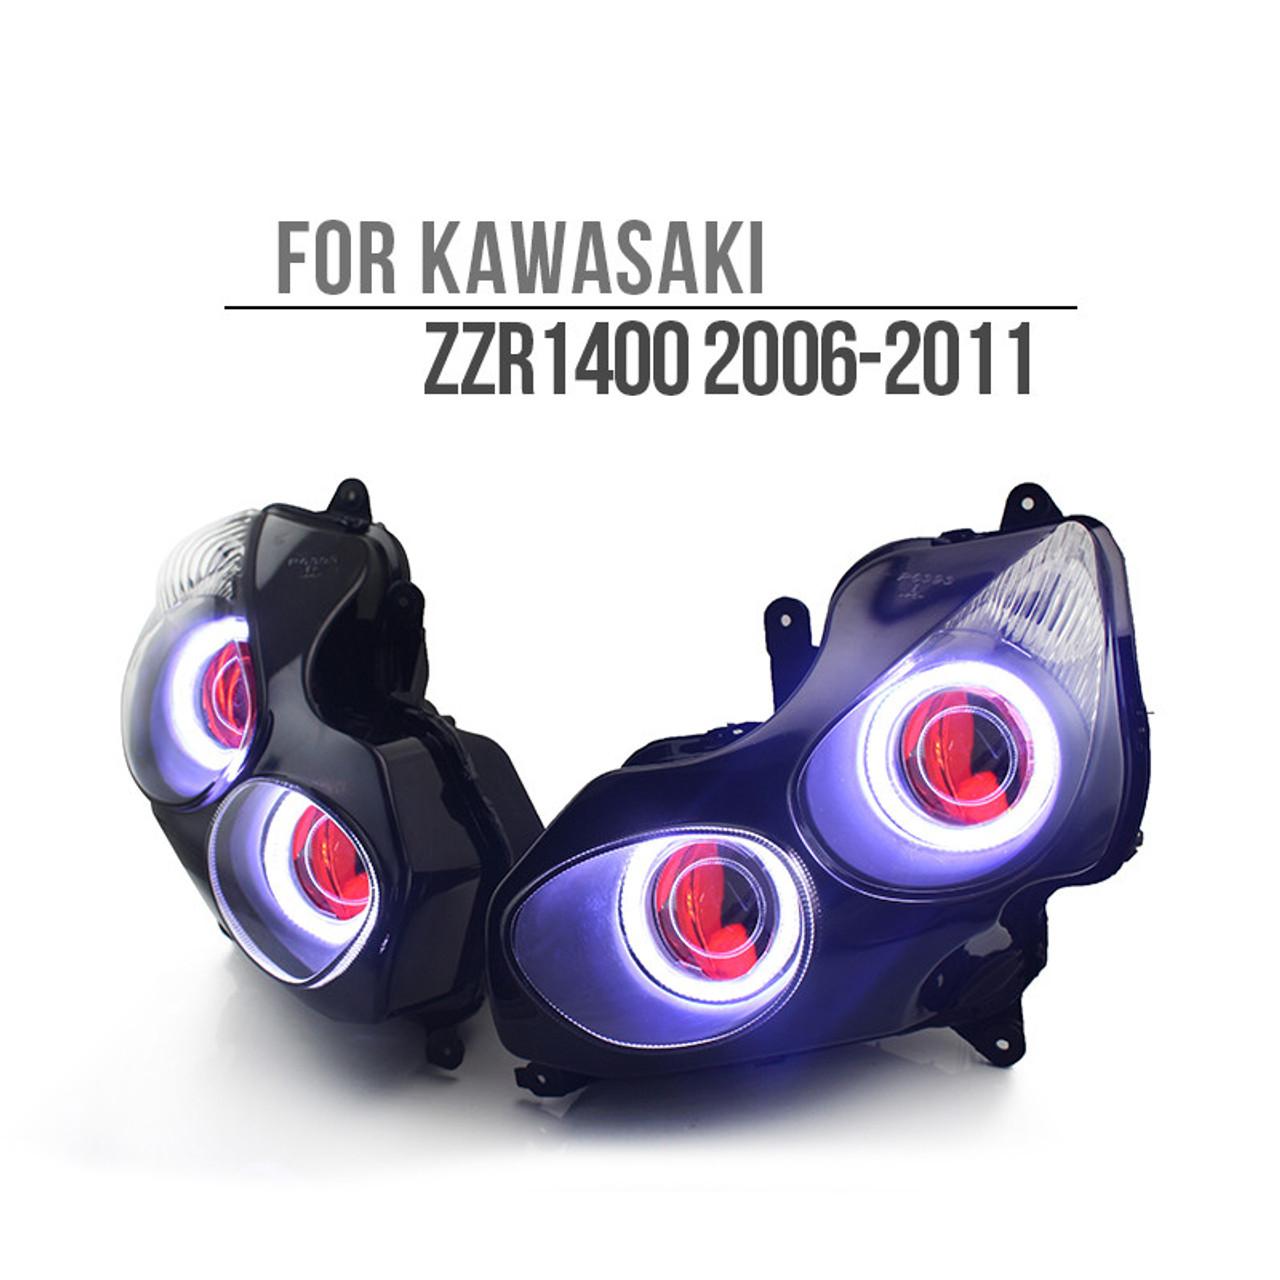 wiring harness 2008 zx14 wiring diagram insidekawasaki zx14r zzr1400 headlight 2006 2007 2008 2009 2010 2011 [ 1280 x 1280 Pixel ]